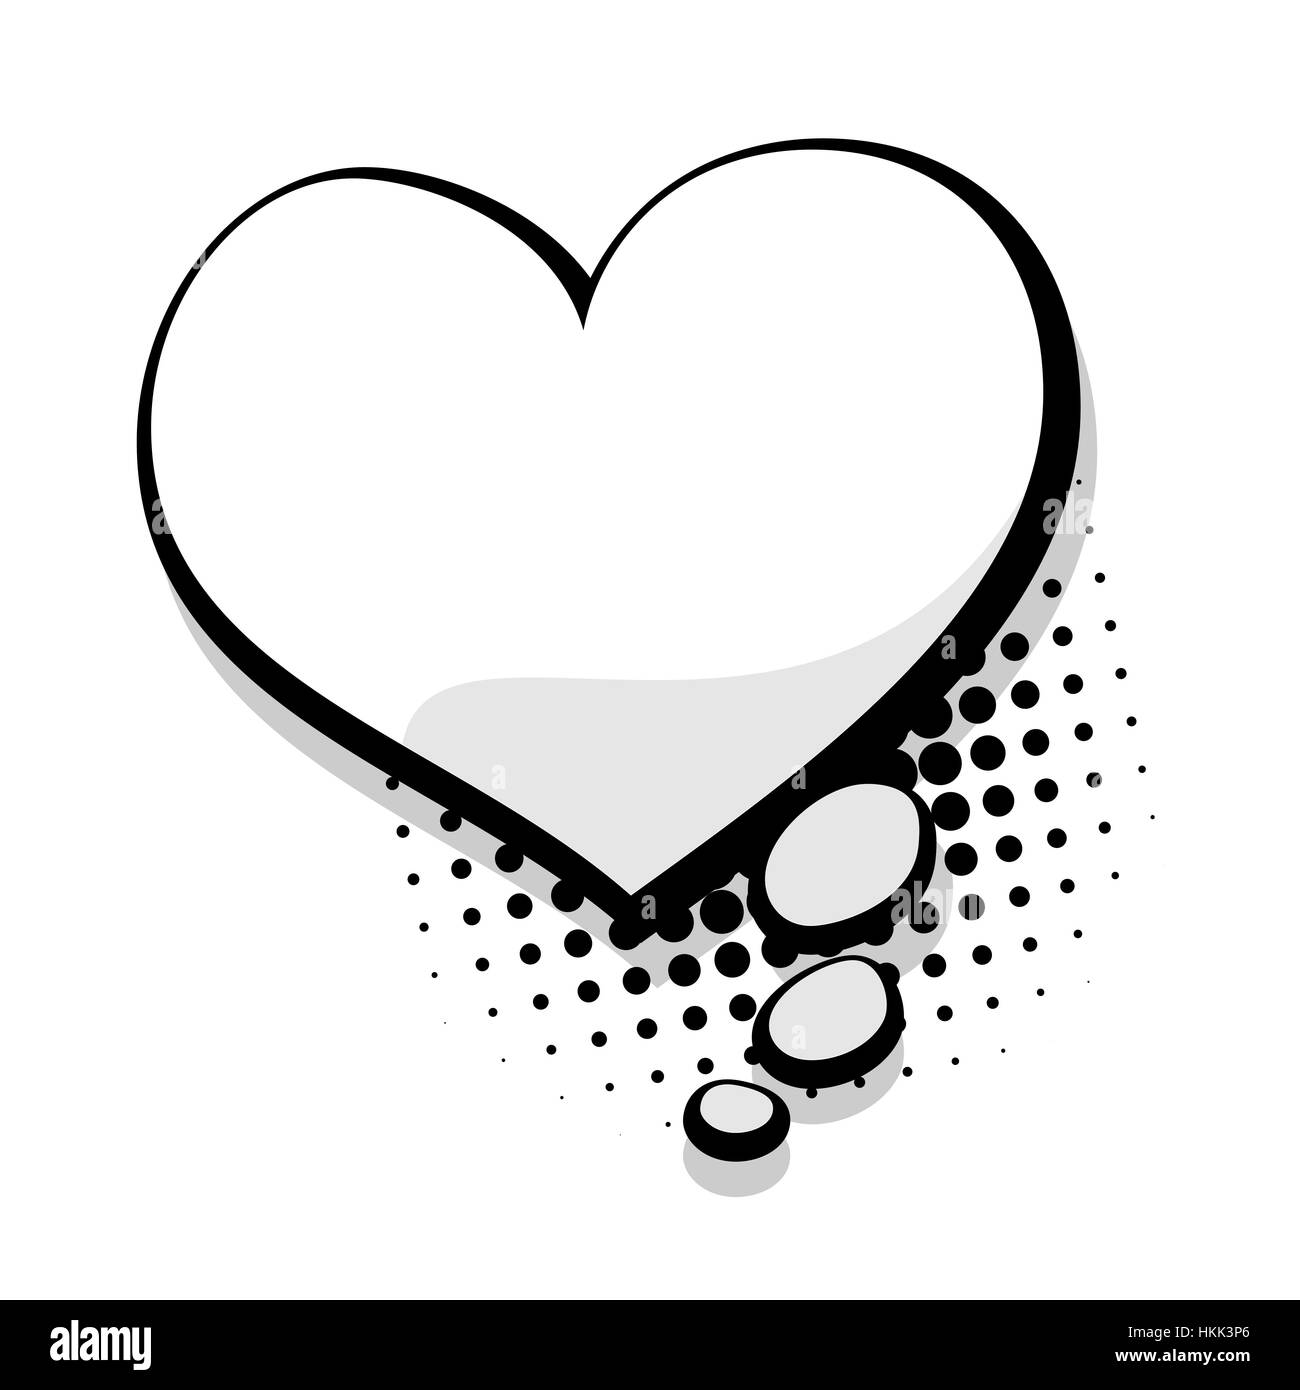 Leere Vorlage Comic-Sprechblase Herz Vektor Abbildung - Bild ...